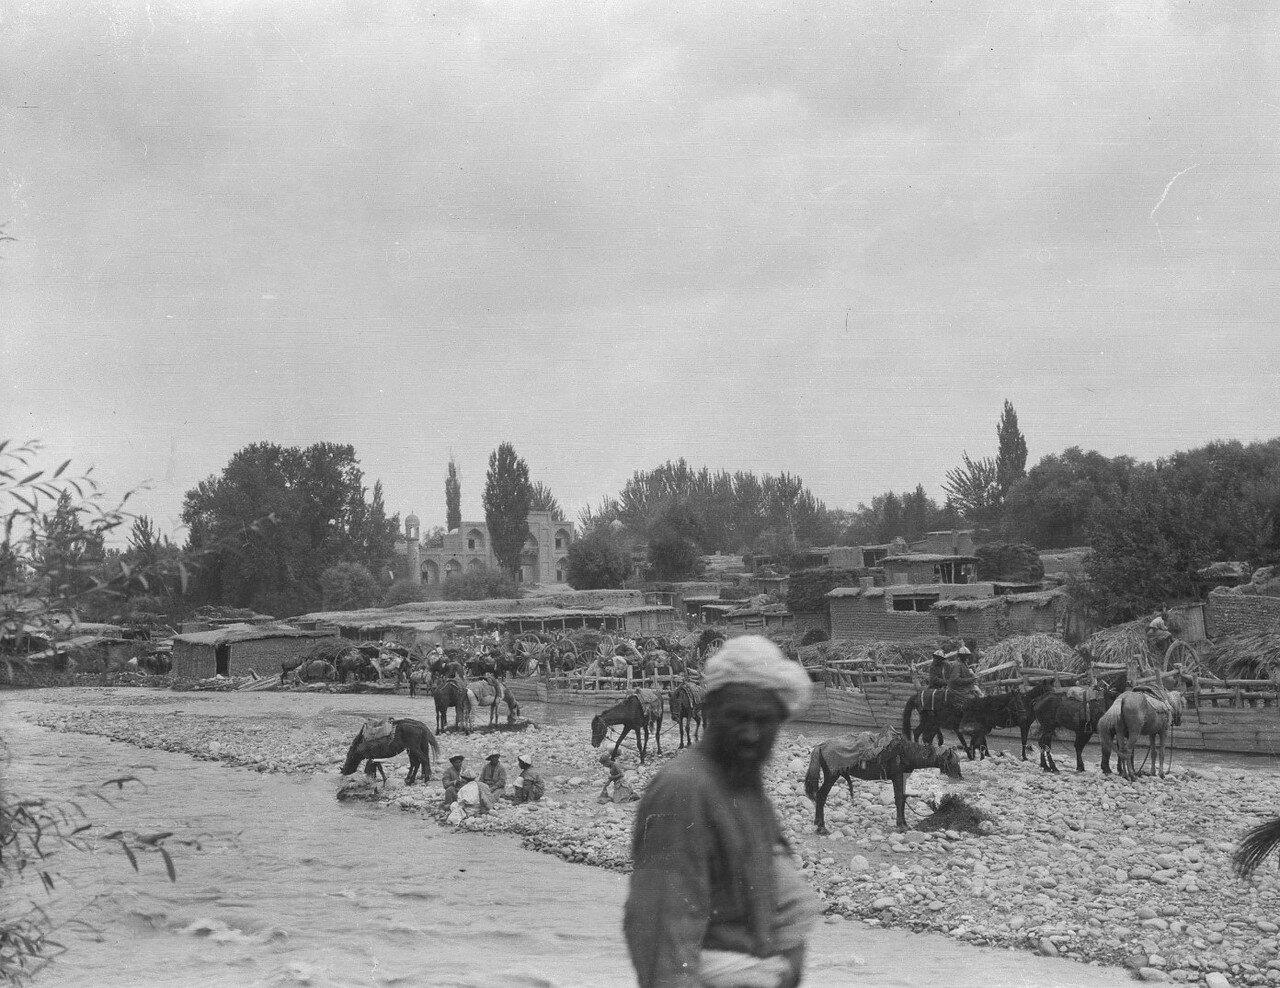 Лошади пьют воду из реки